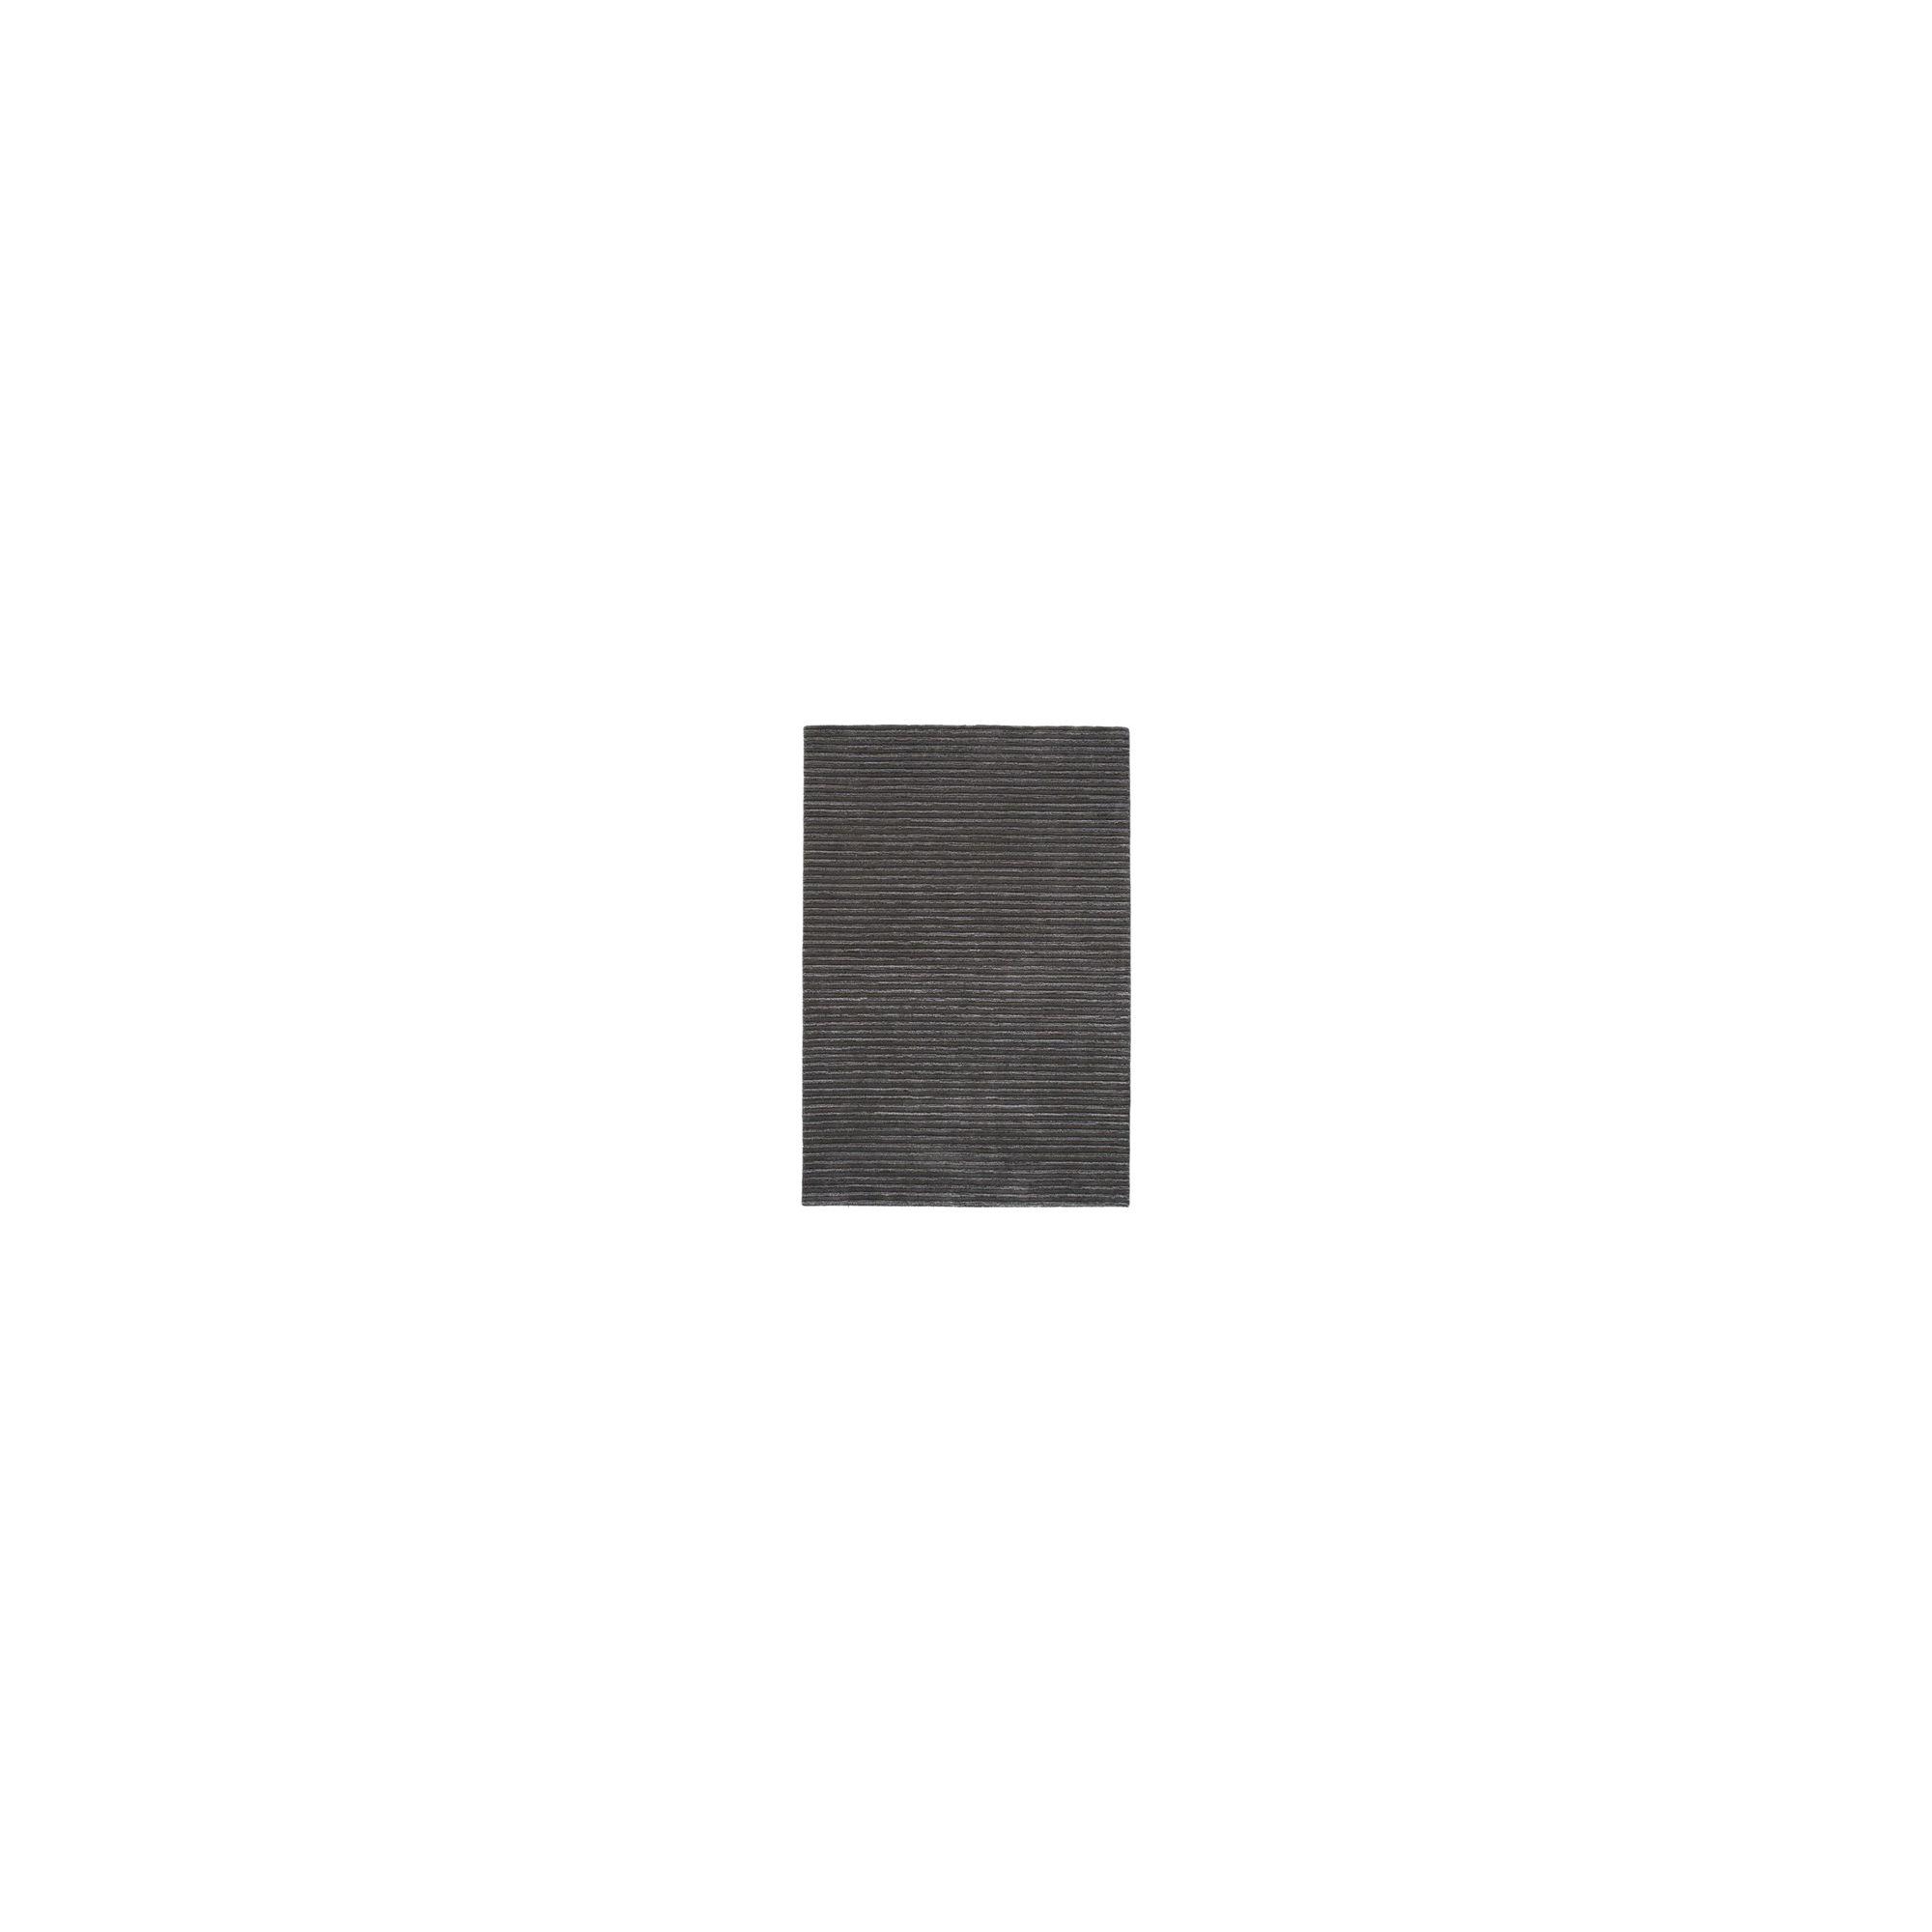 Linie Design Trojka Dark Grey Rug - 300cm x 200cm at Tesco Direct